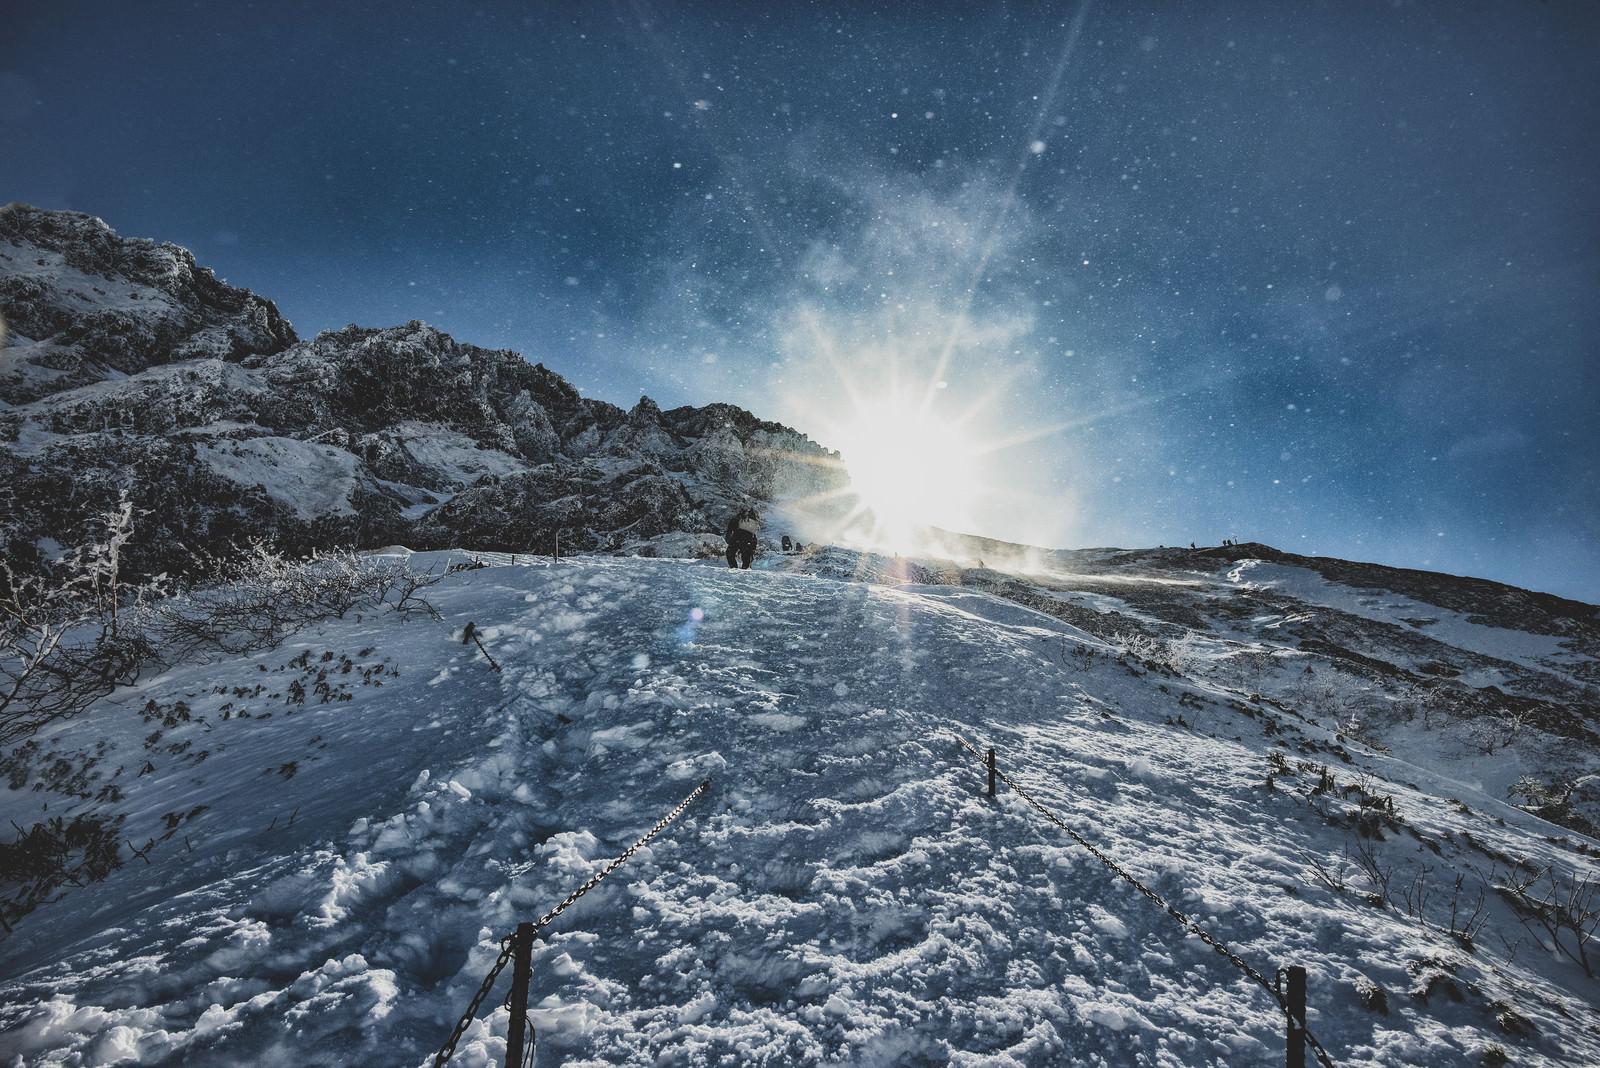 「雪煙舞う稜線と登山者」の写真